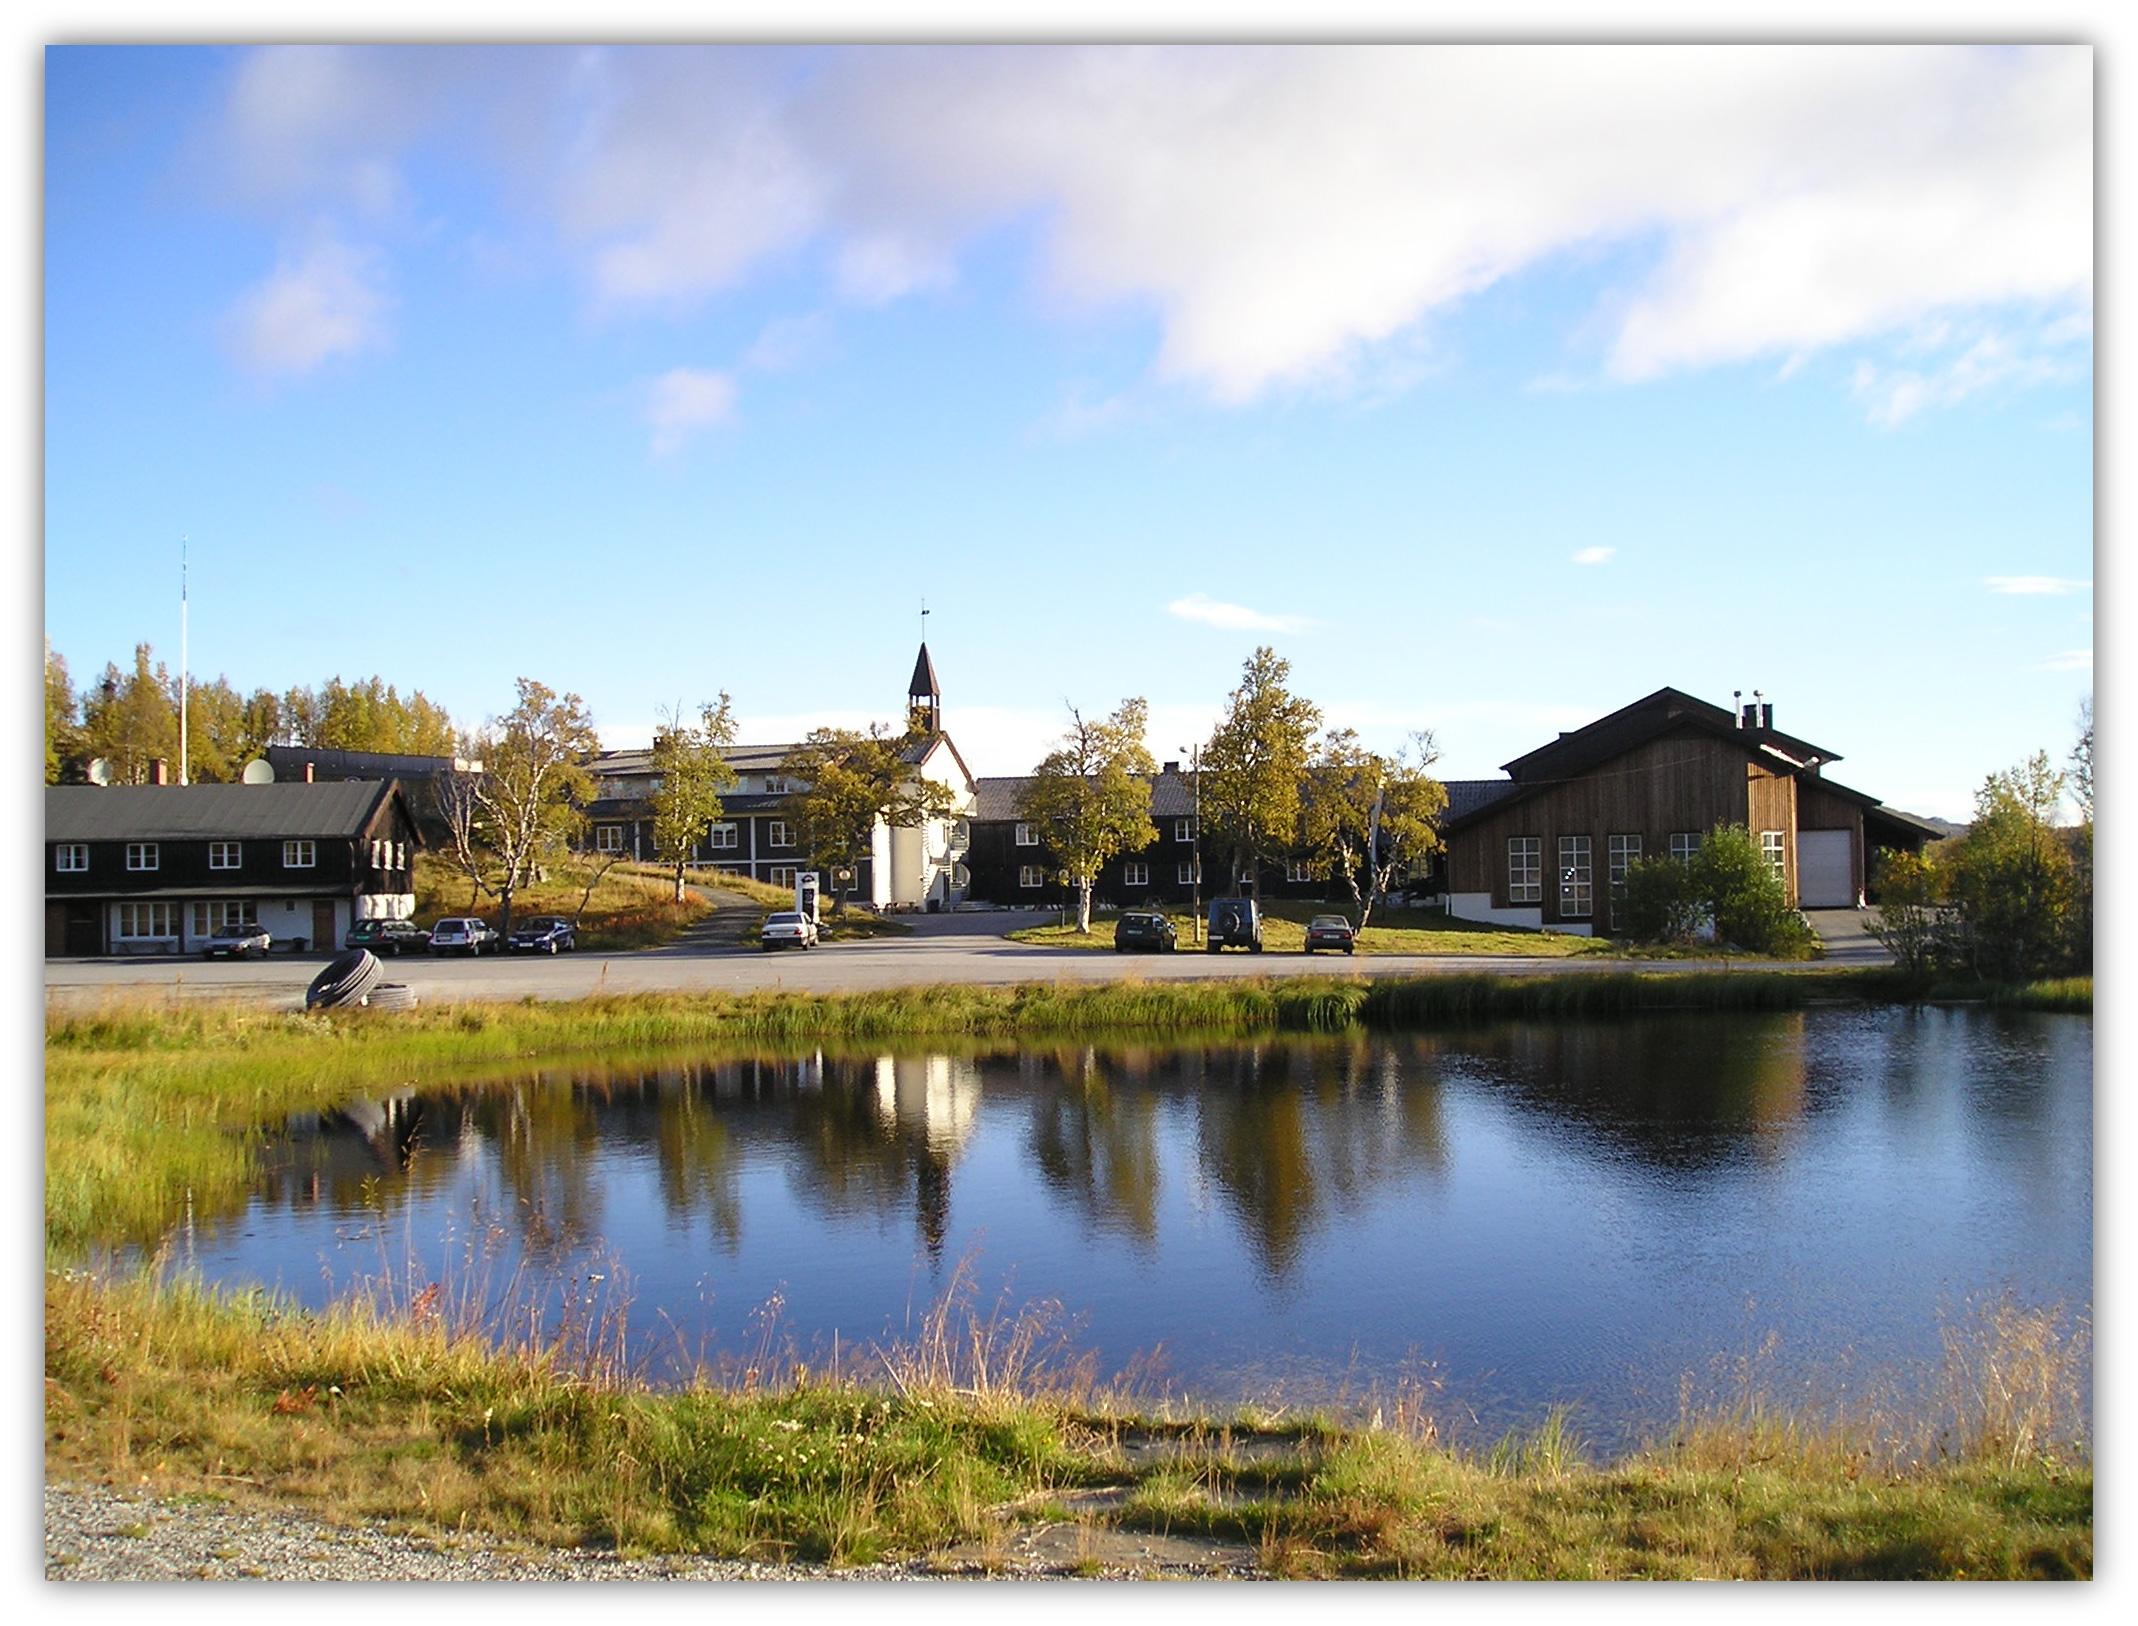 Hotellet ligger ved Møsvatn. Beliggenheten er fantastisk, - 1000 m.o.h., helt på terskelen til Hardangervidda, villreinens rike. Her opplever du Norges flotteste utsikt! Hotellet tilbyr ekstraordinære opplevelser og opphold for store og små. Gled deg til å benytte et alldeles nydelig terreng. Start turen rett utenfor døren - sommer som vinter. Hotellets 'hjemmelagede' mat står i en klasse for seg, og er basert lange tradisjoner. Kapasiteten i  hovedrestauranten er 350 personer. , © Skinnarbu Høyfjellshotell